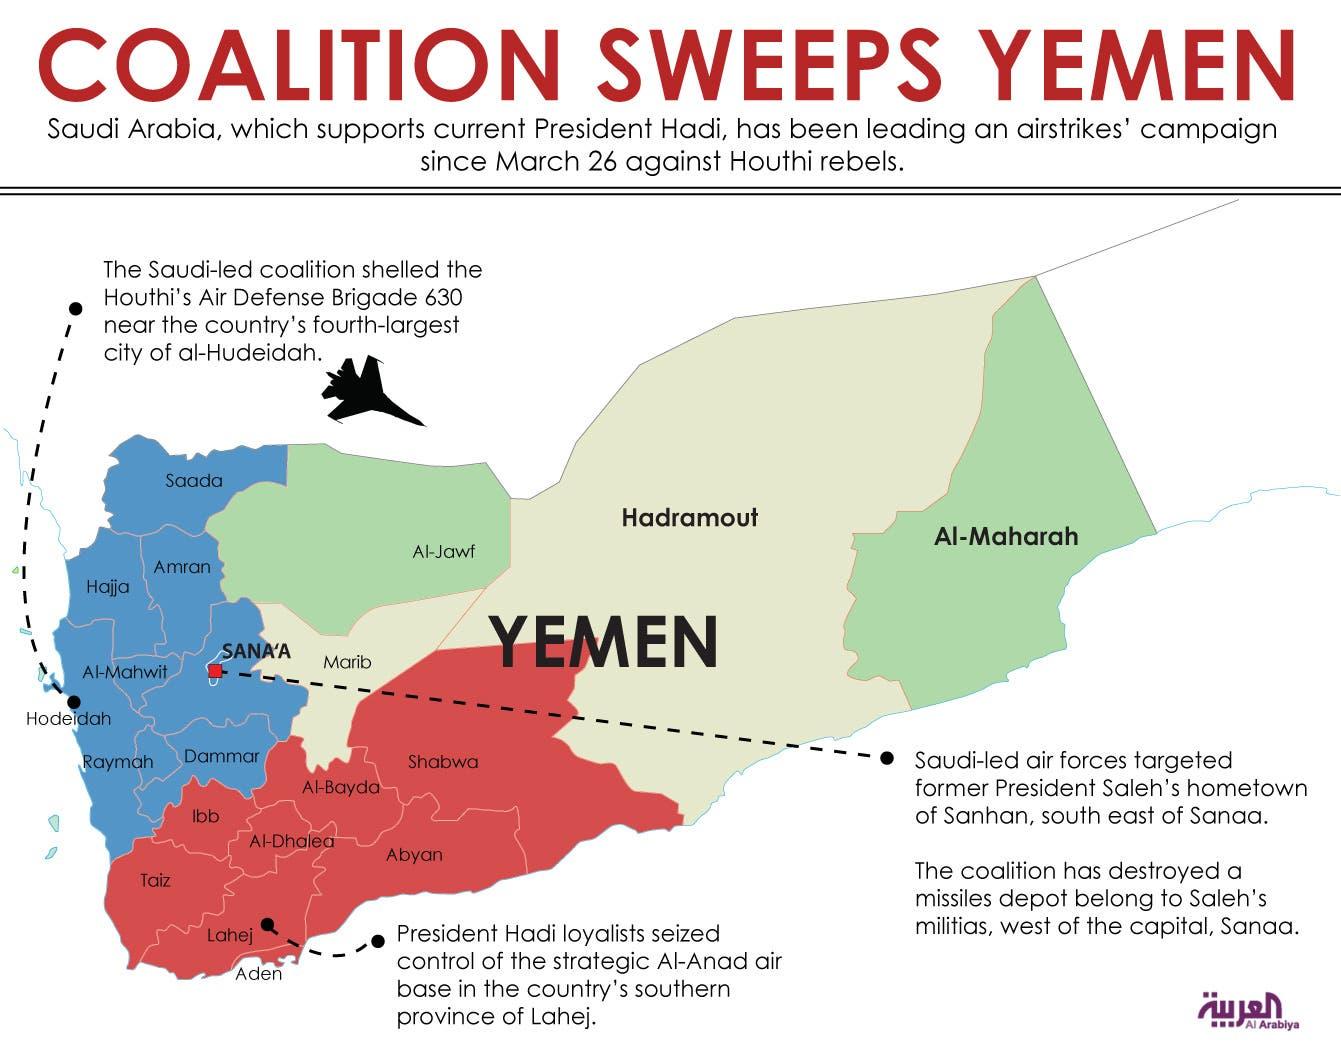 Infographic: Coalition sweeps Yemen